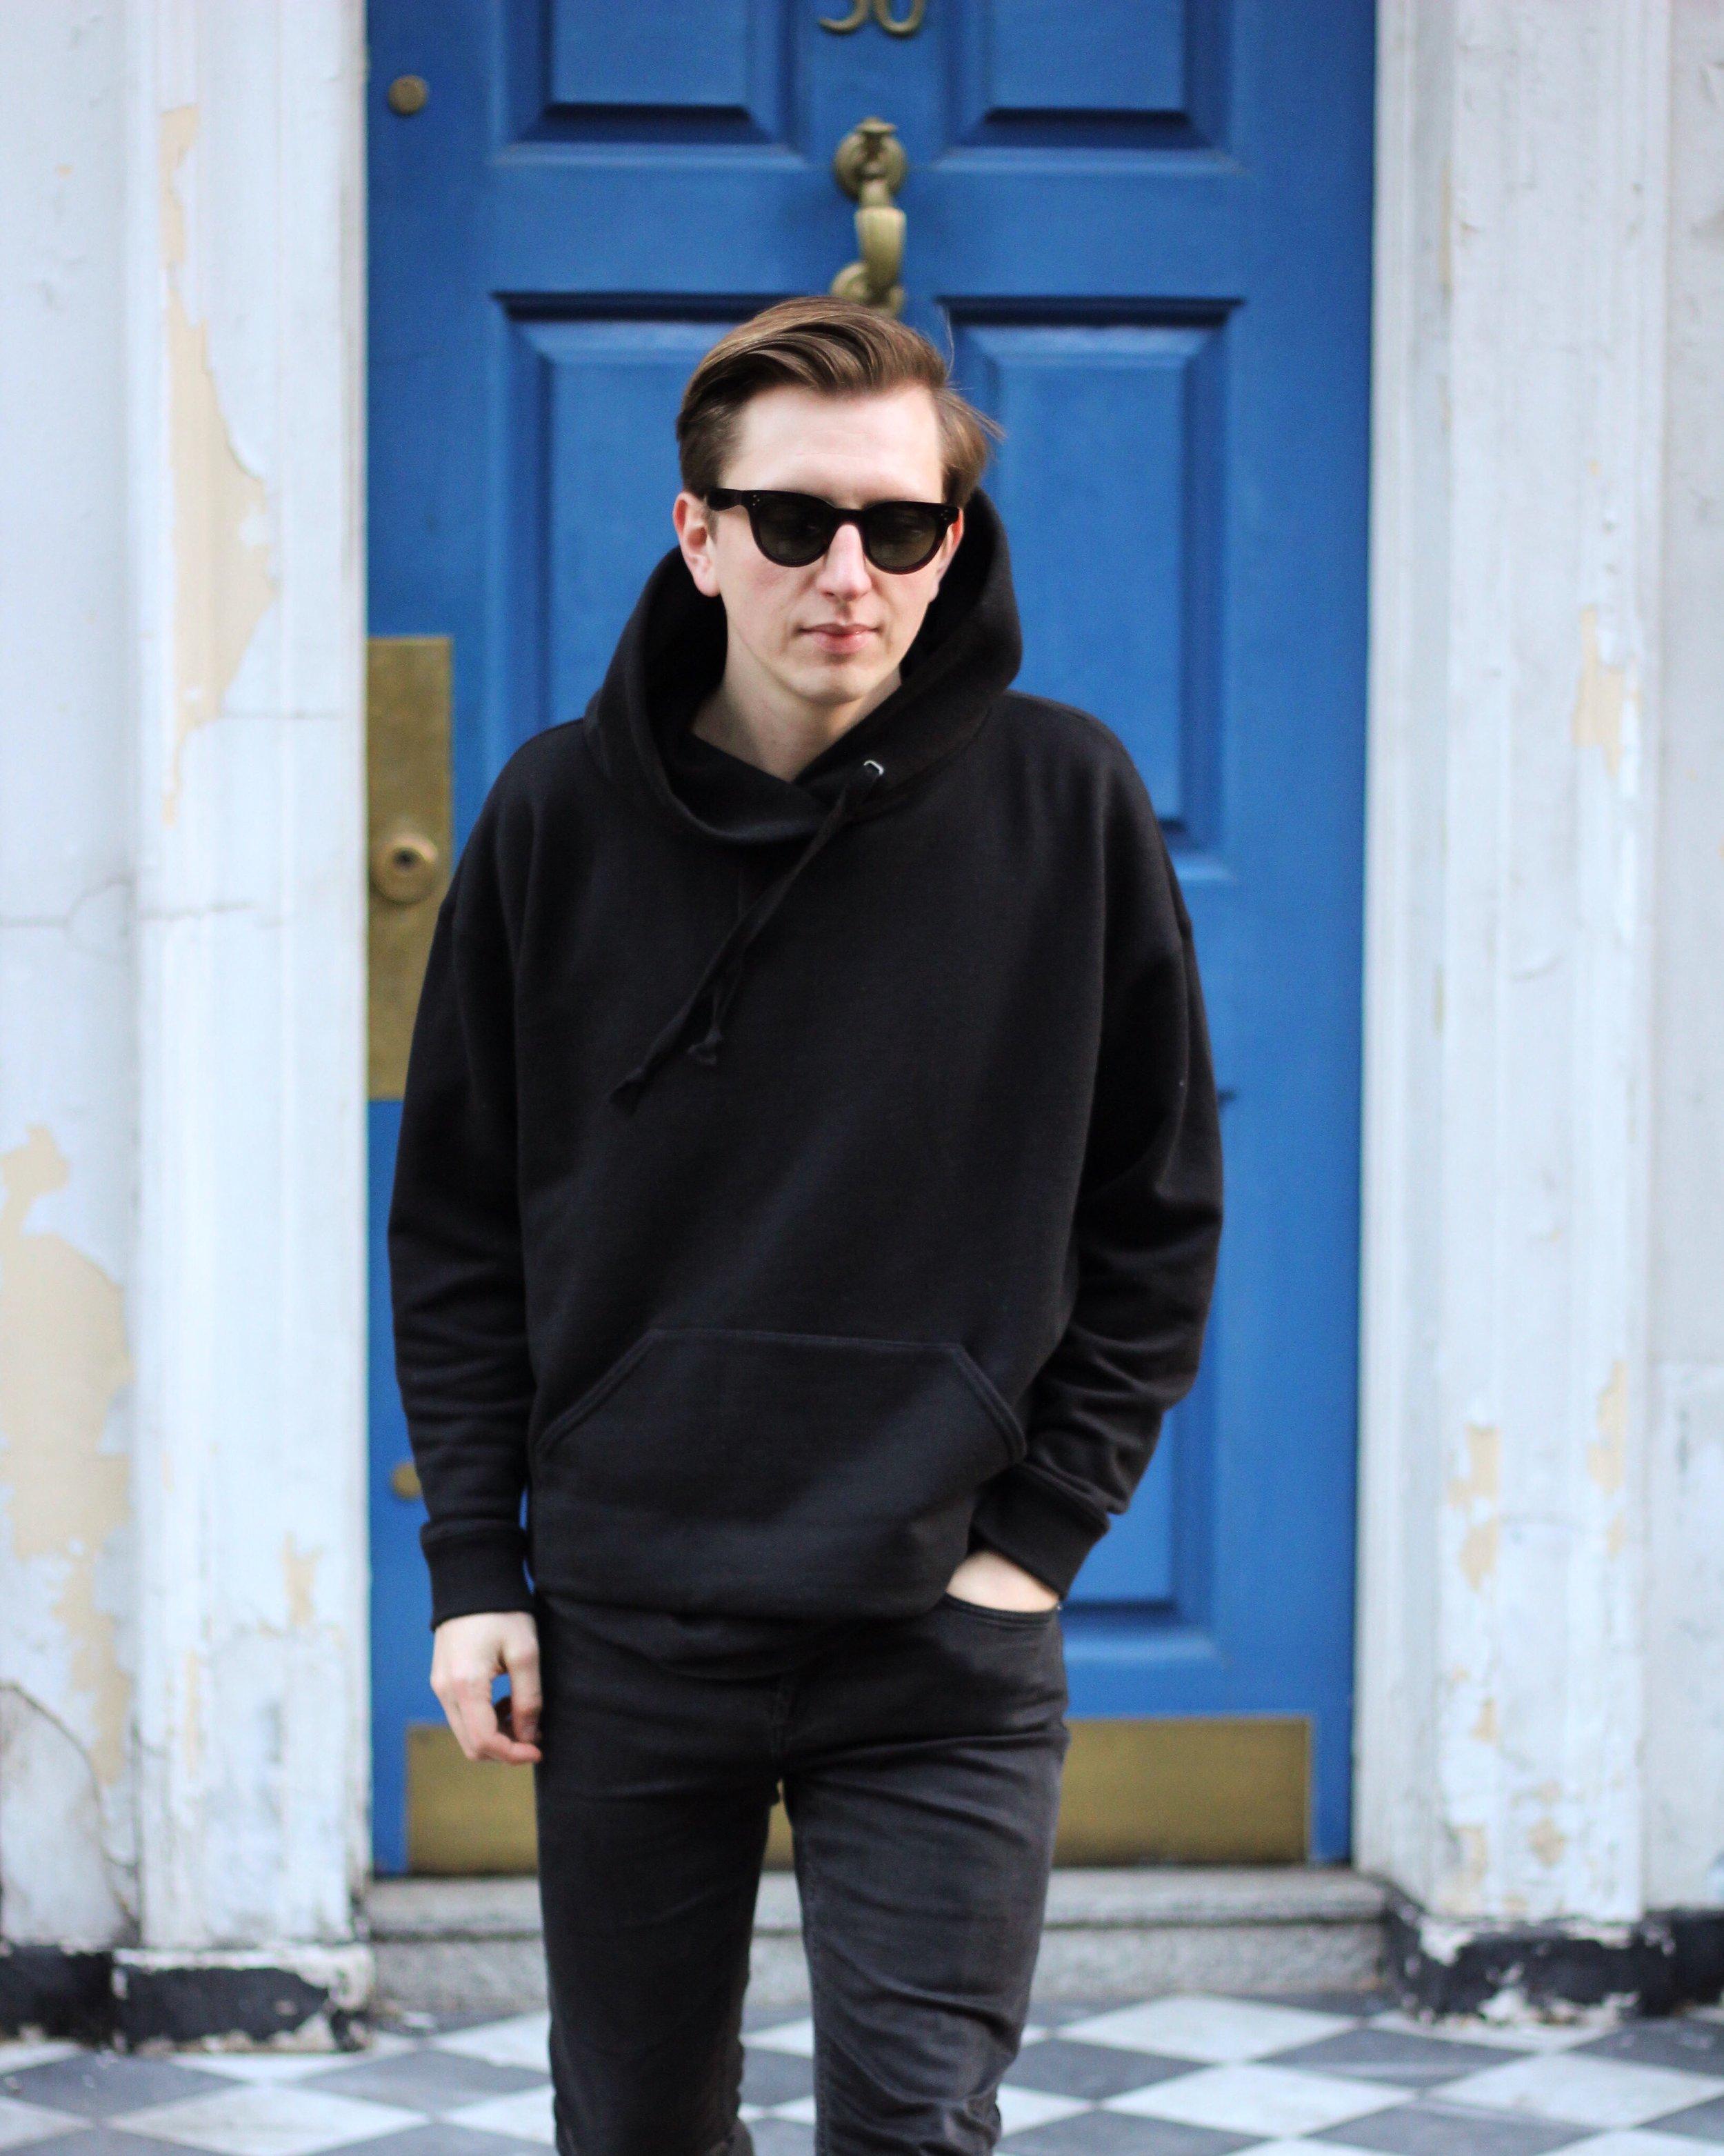 ootd_menswear_style_london